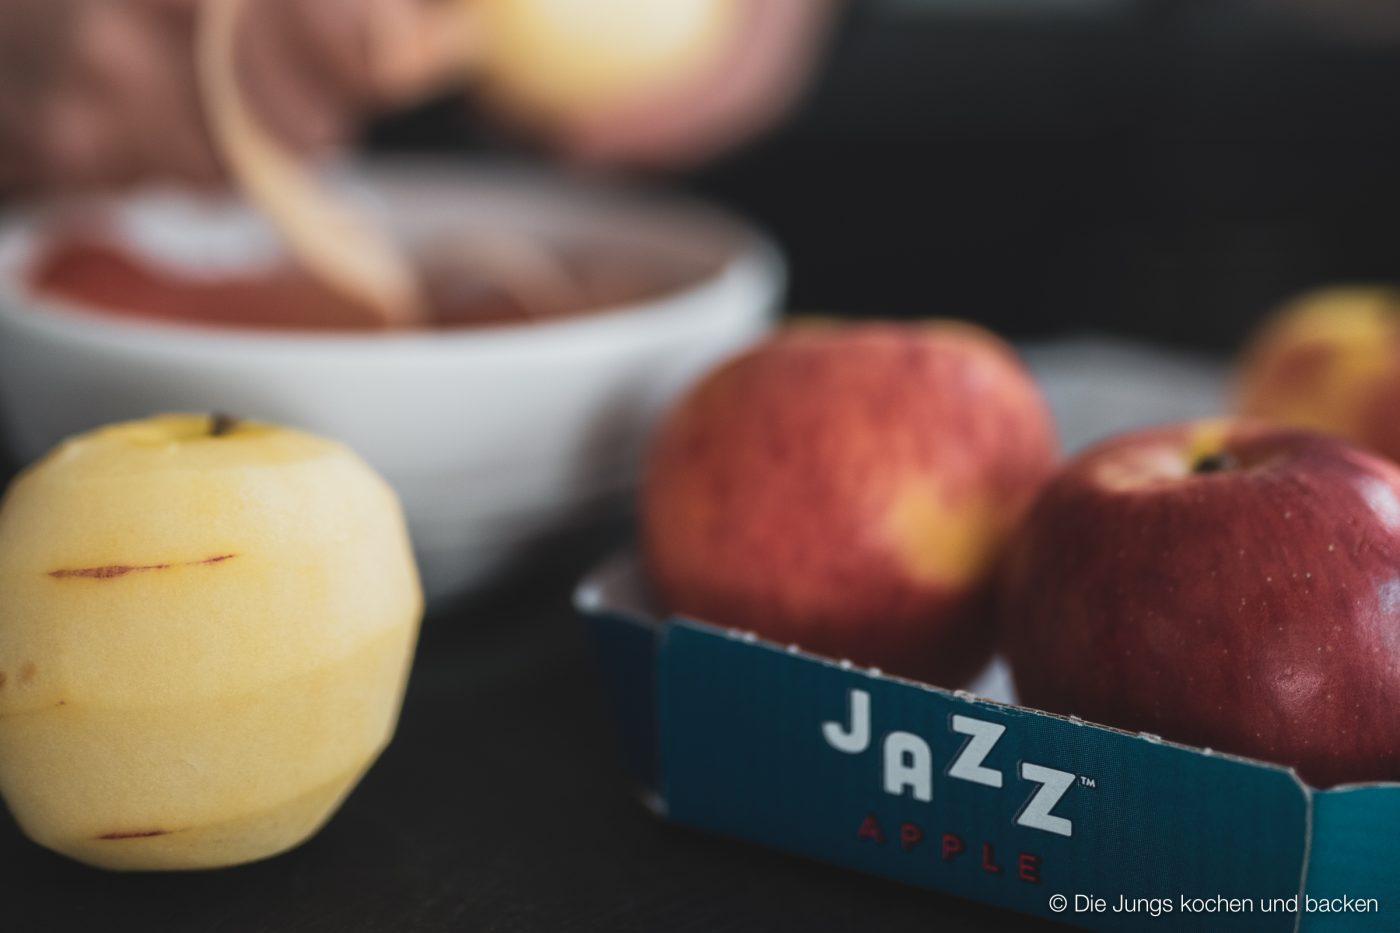 Apple Bites jazz apfel 2 | Kennt ihr das auch? Ihr seid bei der Arbeit, habt mittags nur etwas Kleines gegessen, weil es einfach viel zu heiß war, um sich den Bauch vollzuschlagen und dann kommt der Hunger ganz überraschend. Da greift man dann gerne zu einem Schokoriegel, Kuchen oder Co. Aber jetzt haben wir ein neues Rezept ausprobiert. Unsere Apfel Protein Happen sind der perfekte Snack für zwischendurch - egal ob im Büro, zu Hause oder unterwegs. Meal Prep in Bestform würden wir sagen!